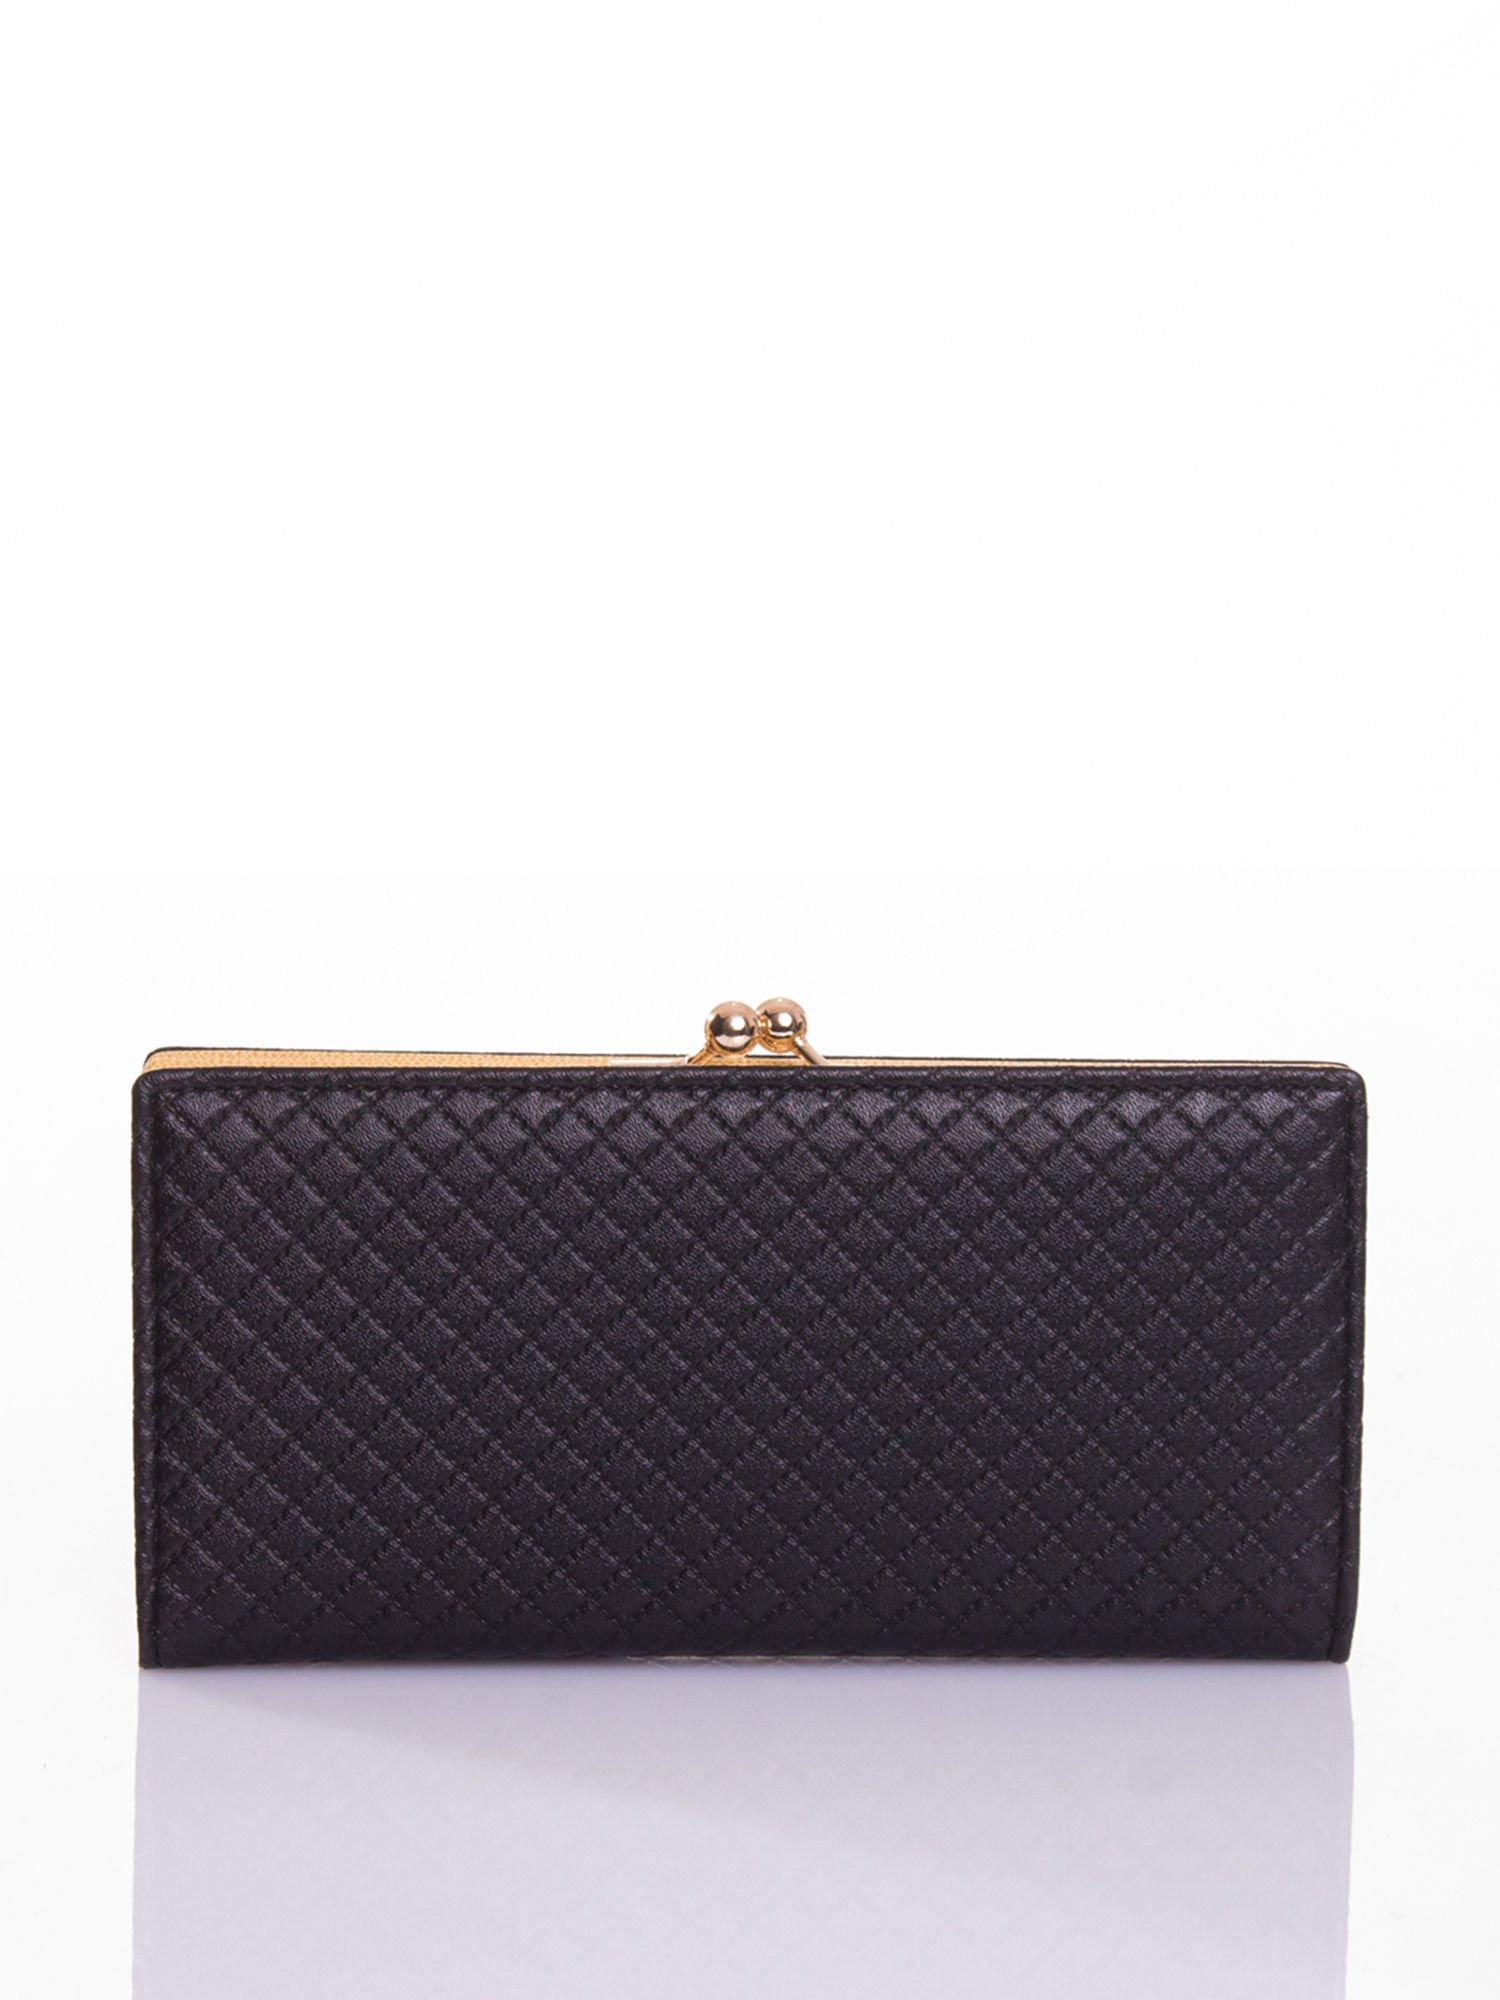 Czarny elegancki portfel na bigiel                                  zdj.                                  1